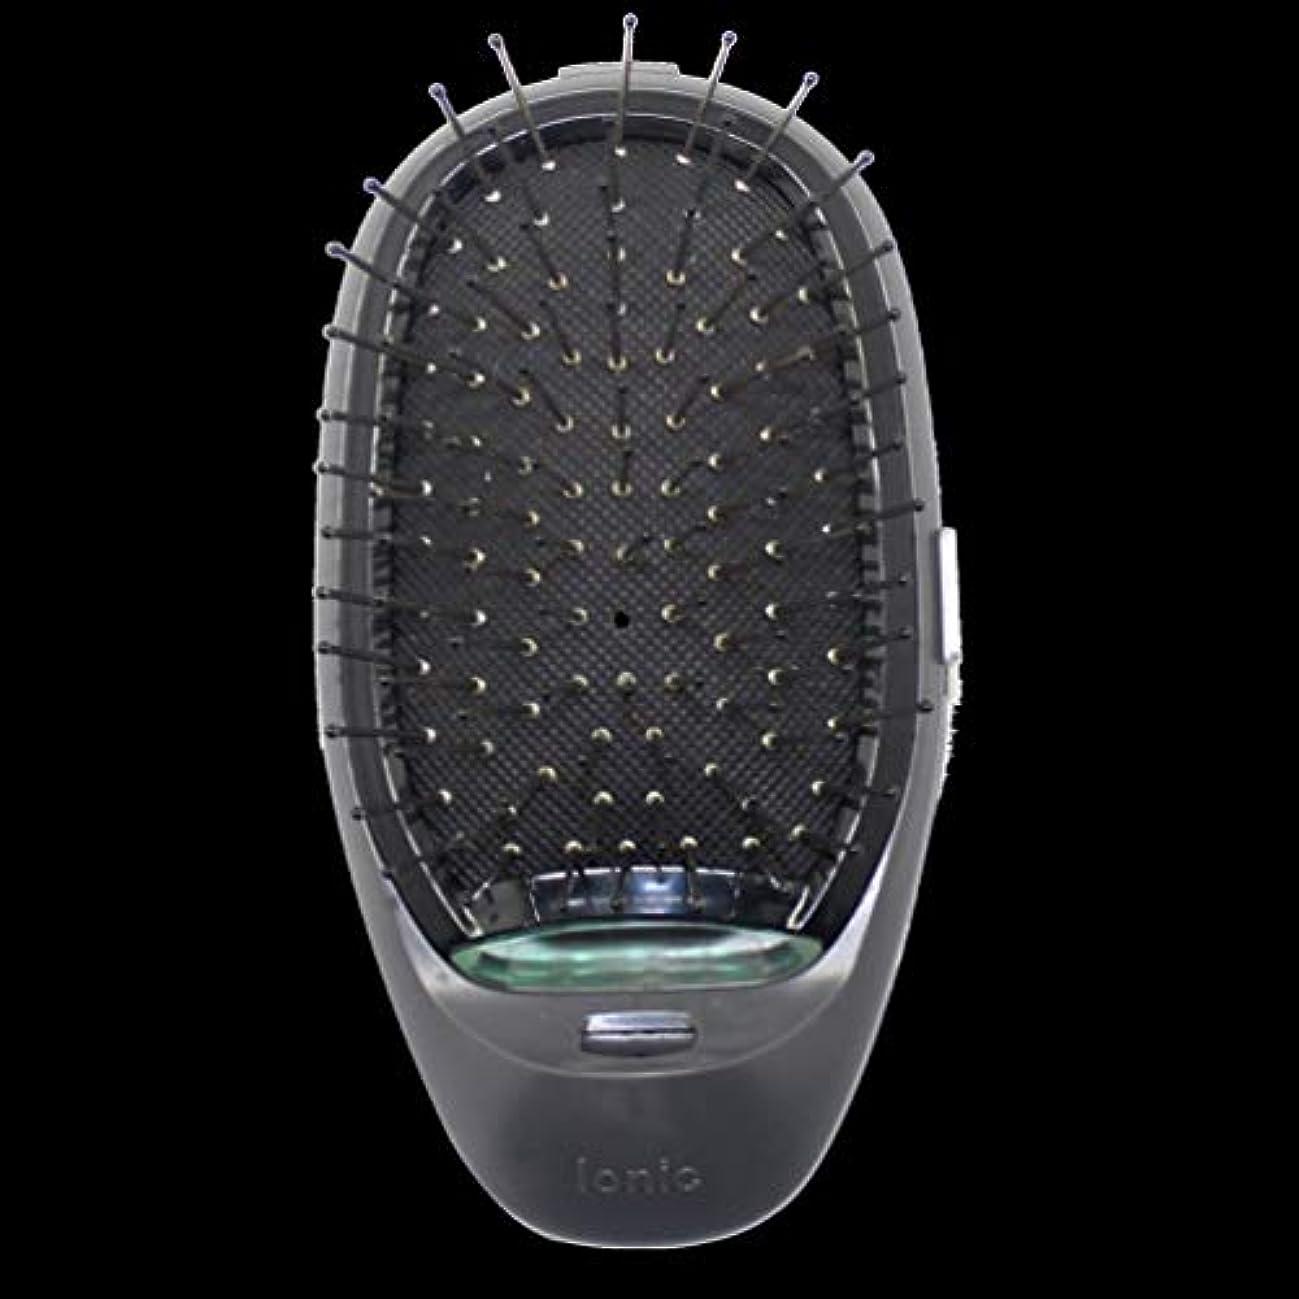 誇張する弾力性のある強化電動マッサージヘアブラシミニマイナスイオンヘアコム3Dインフレータブルコーム帯電防止ガールズヘアブラシ電池式 - ブラック